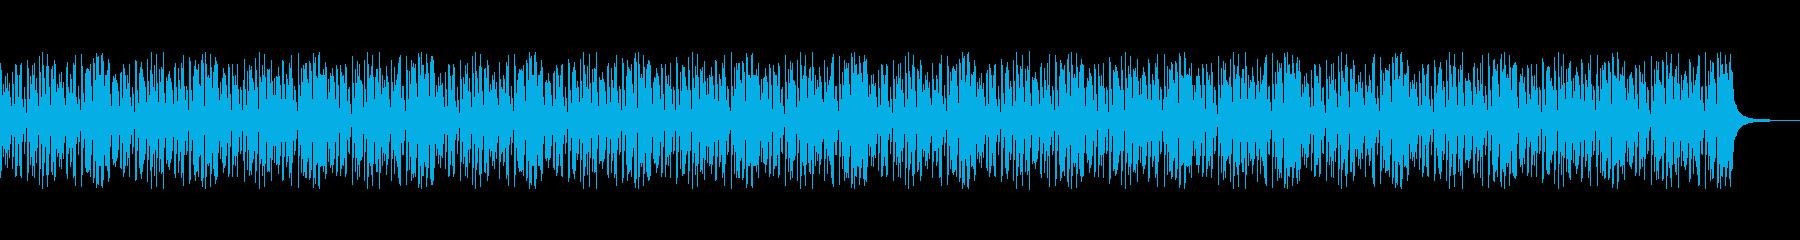 【ミディアムテンポ】Talk Bossaの再生済みの波形